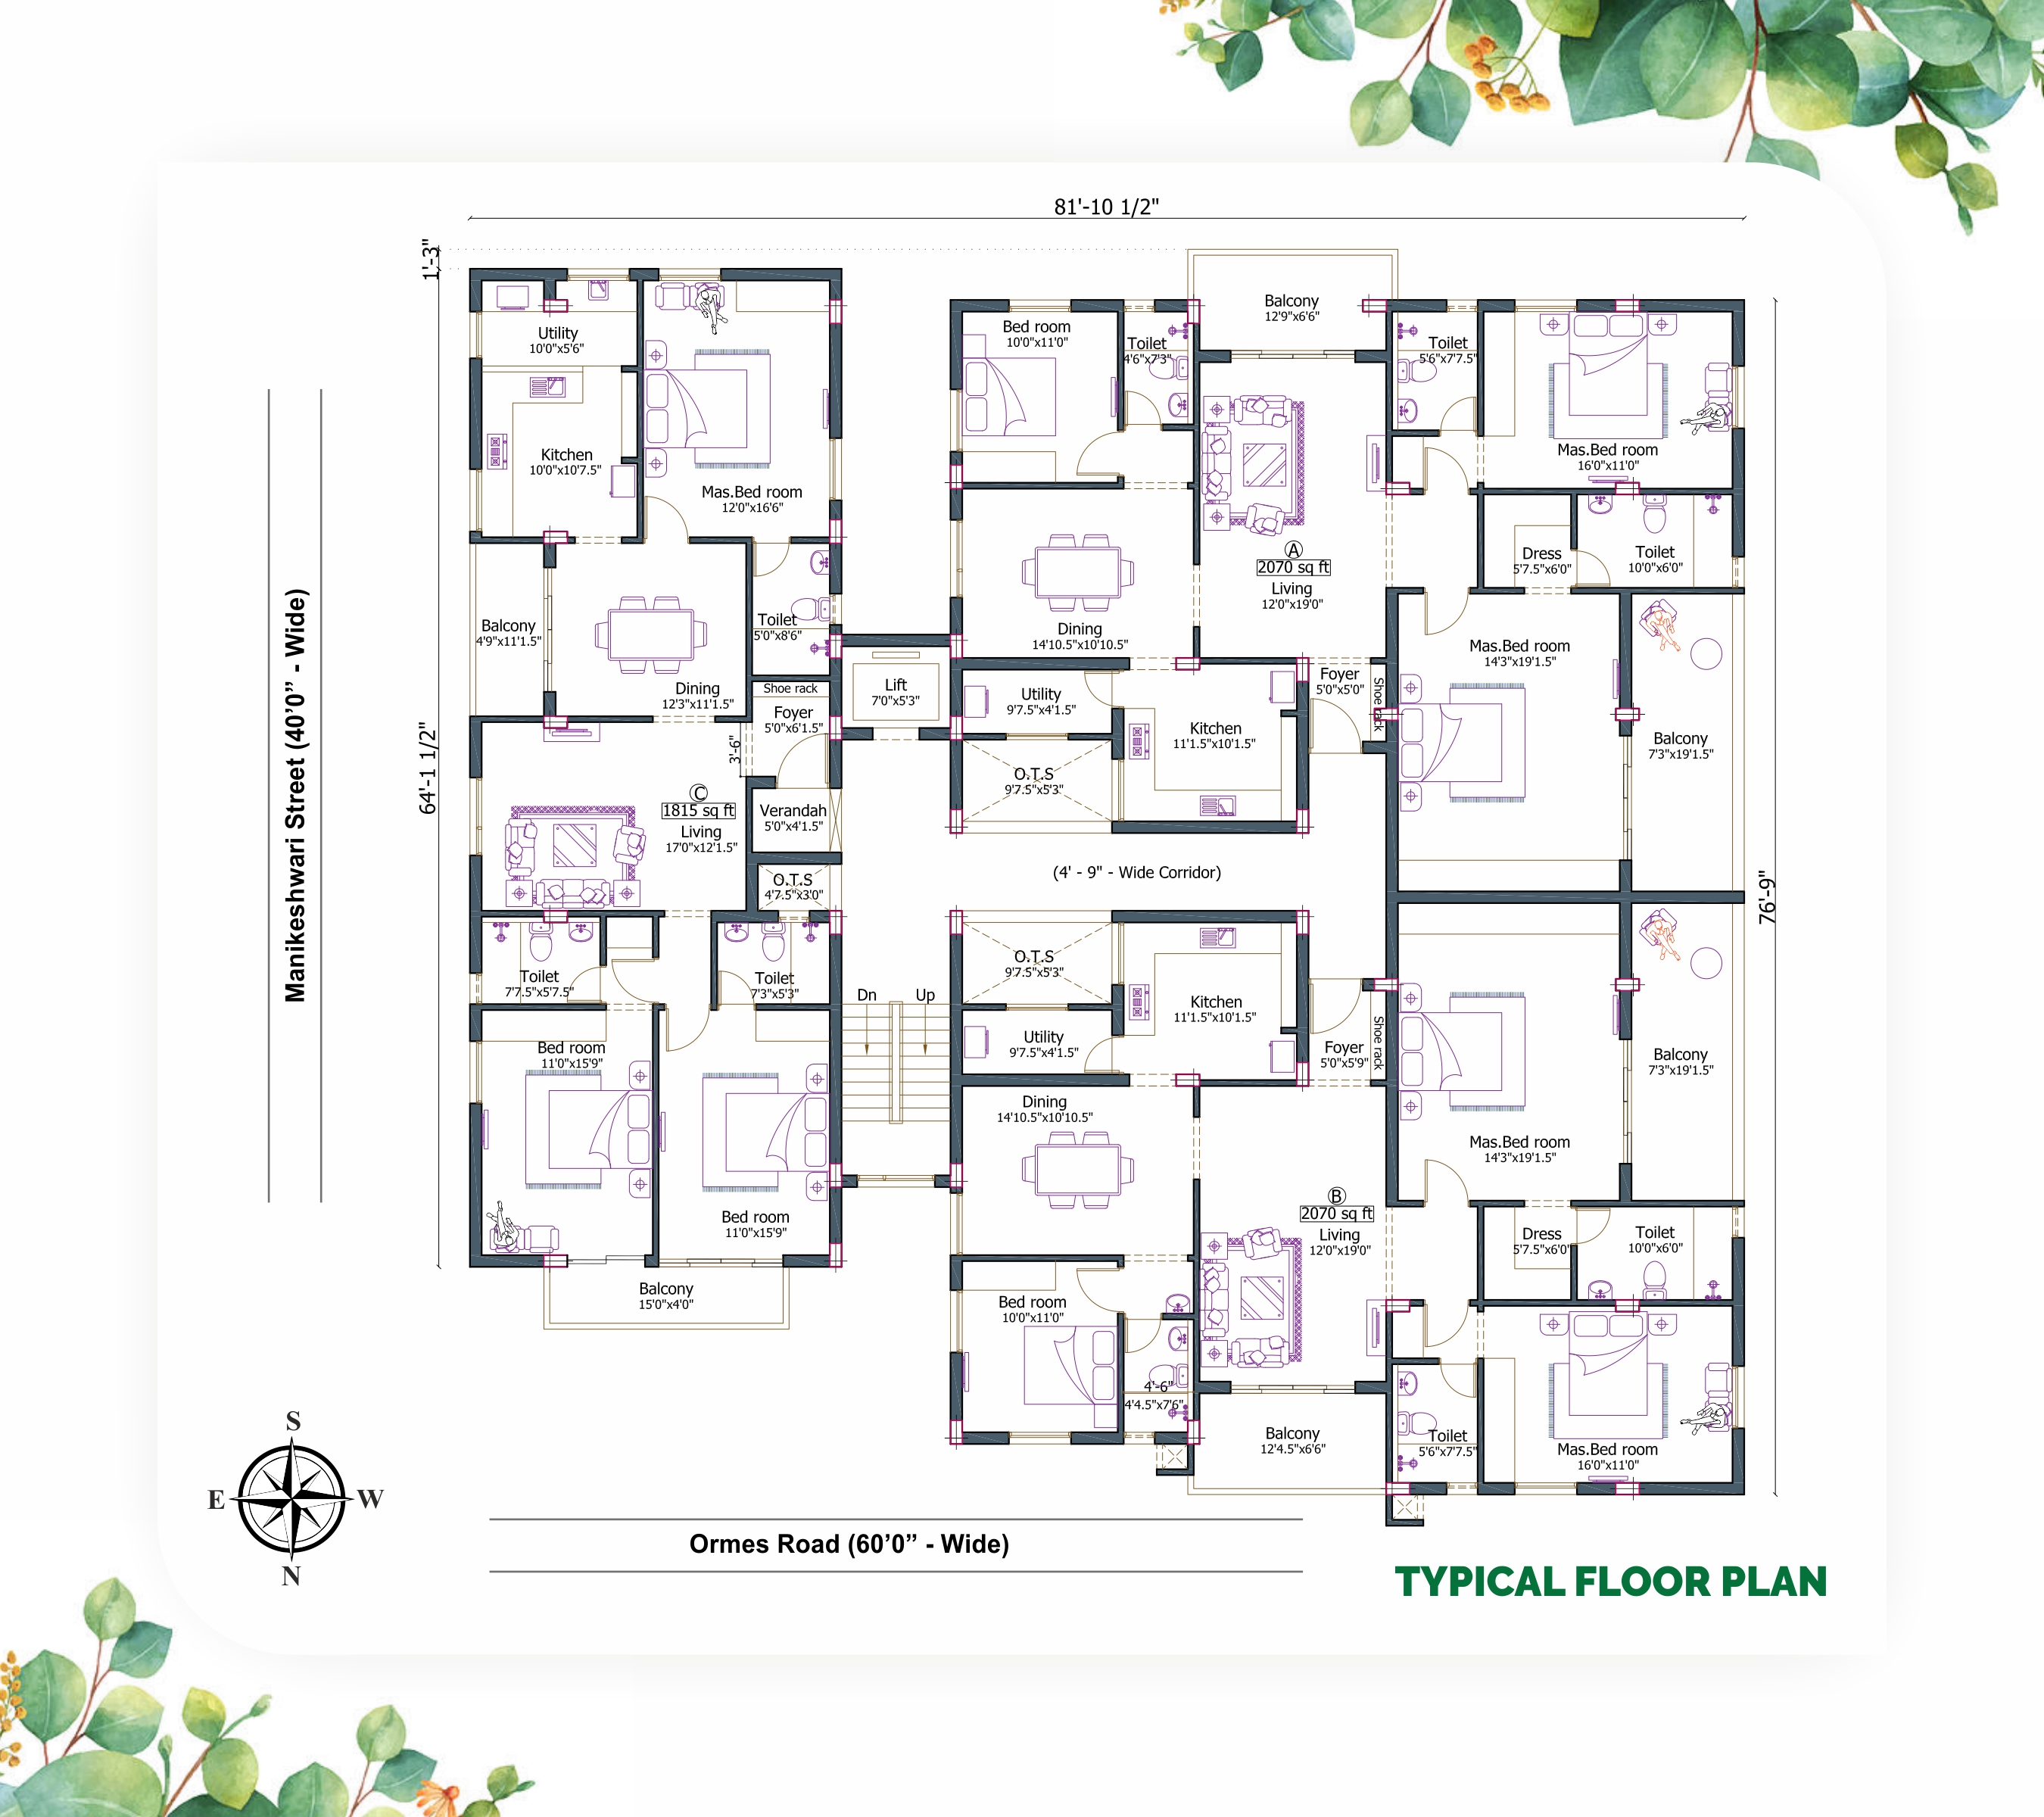 https://www.firmfoundations.in/projects/floorplans/thumbnails/16206214321Floor_Plan.jpg